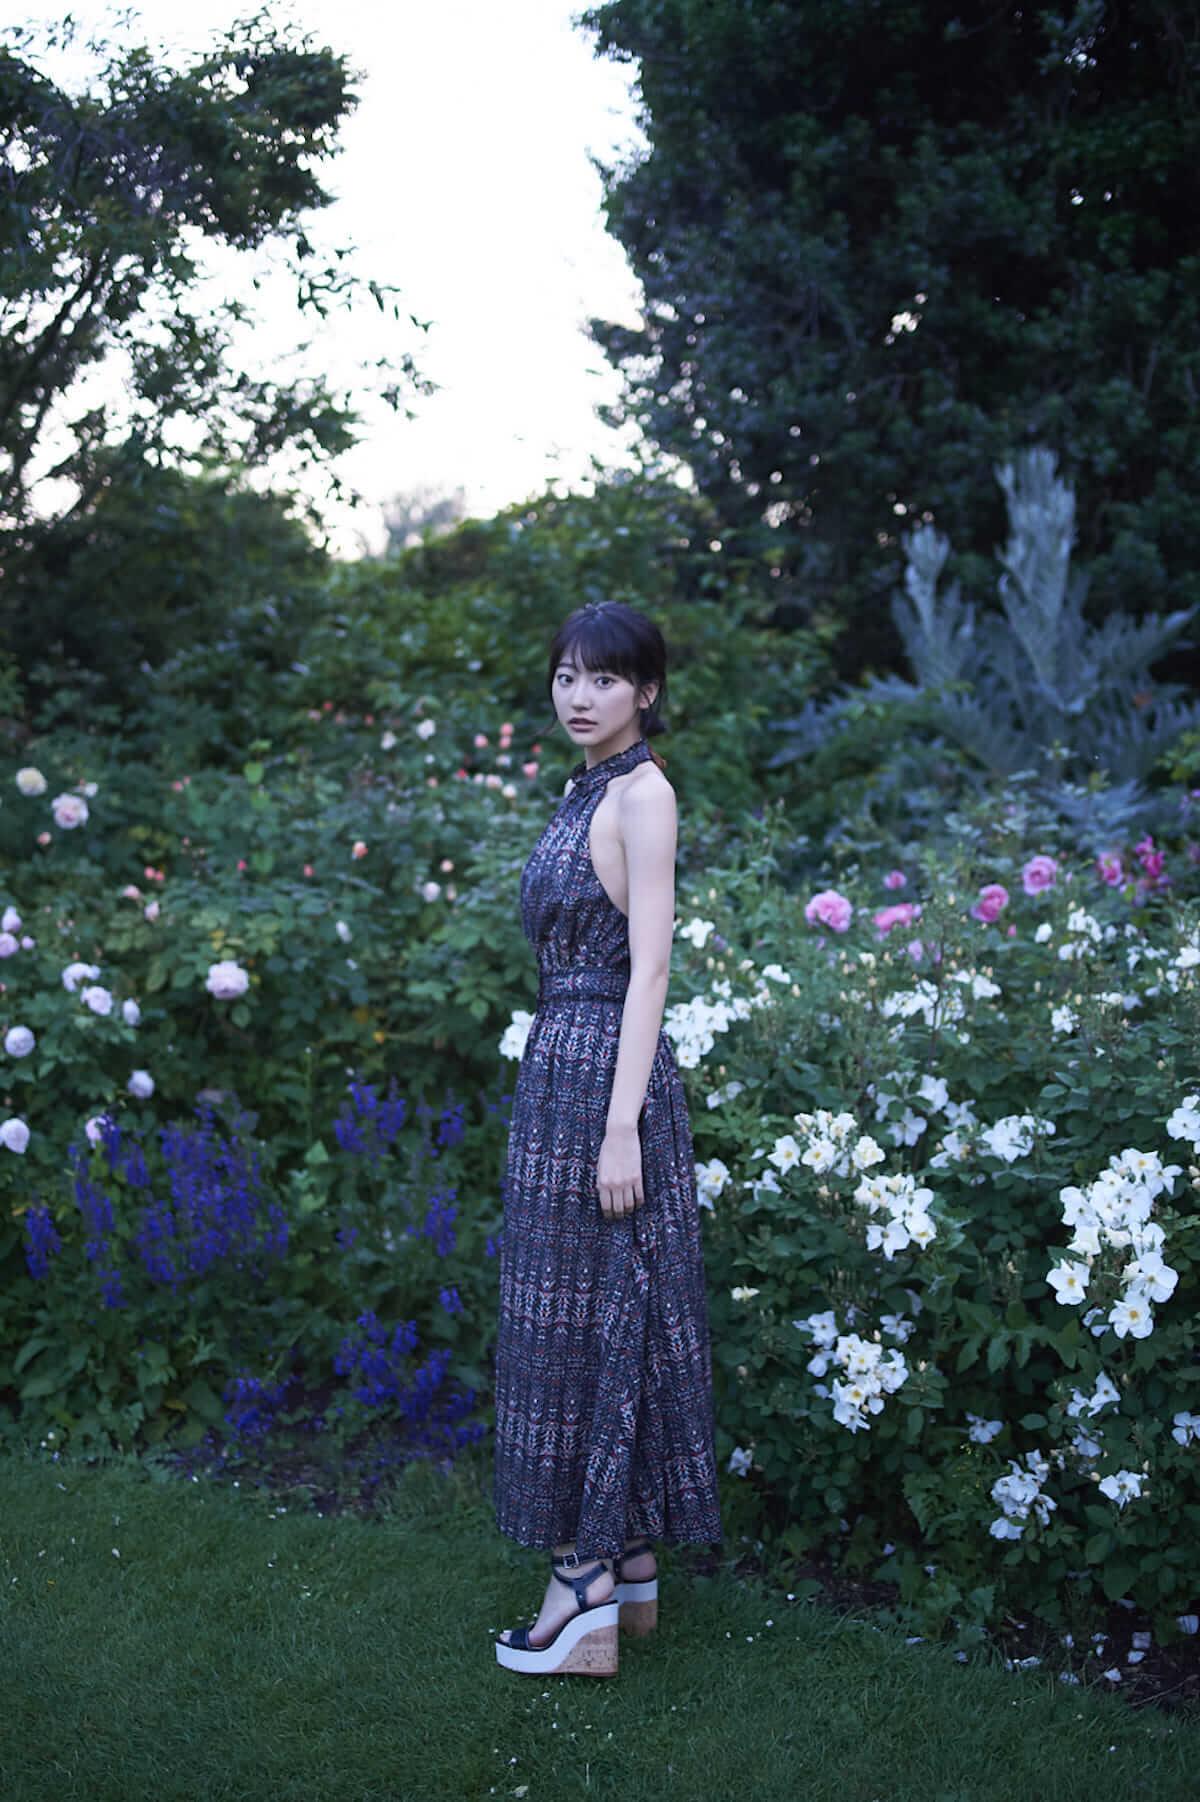 注目の美女・武田玲奈、21歳の抱負を語る!フォトブック第2弾はイギリスで撮影! art180731_renatakeda_7-1200x1802